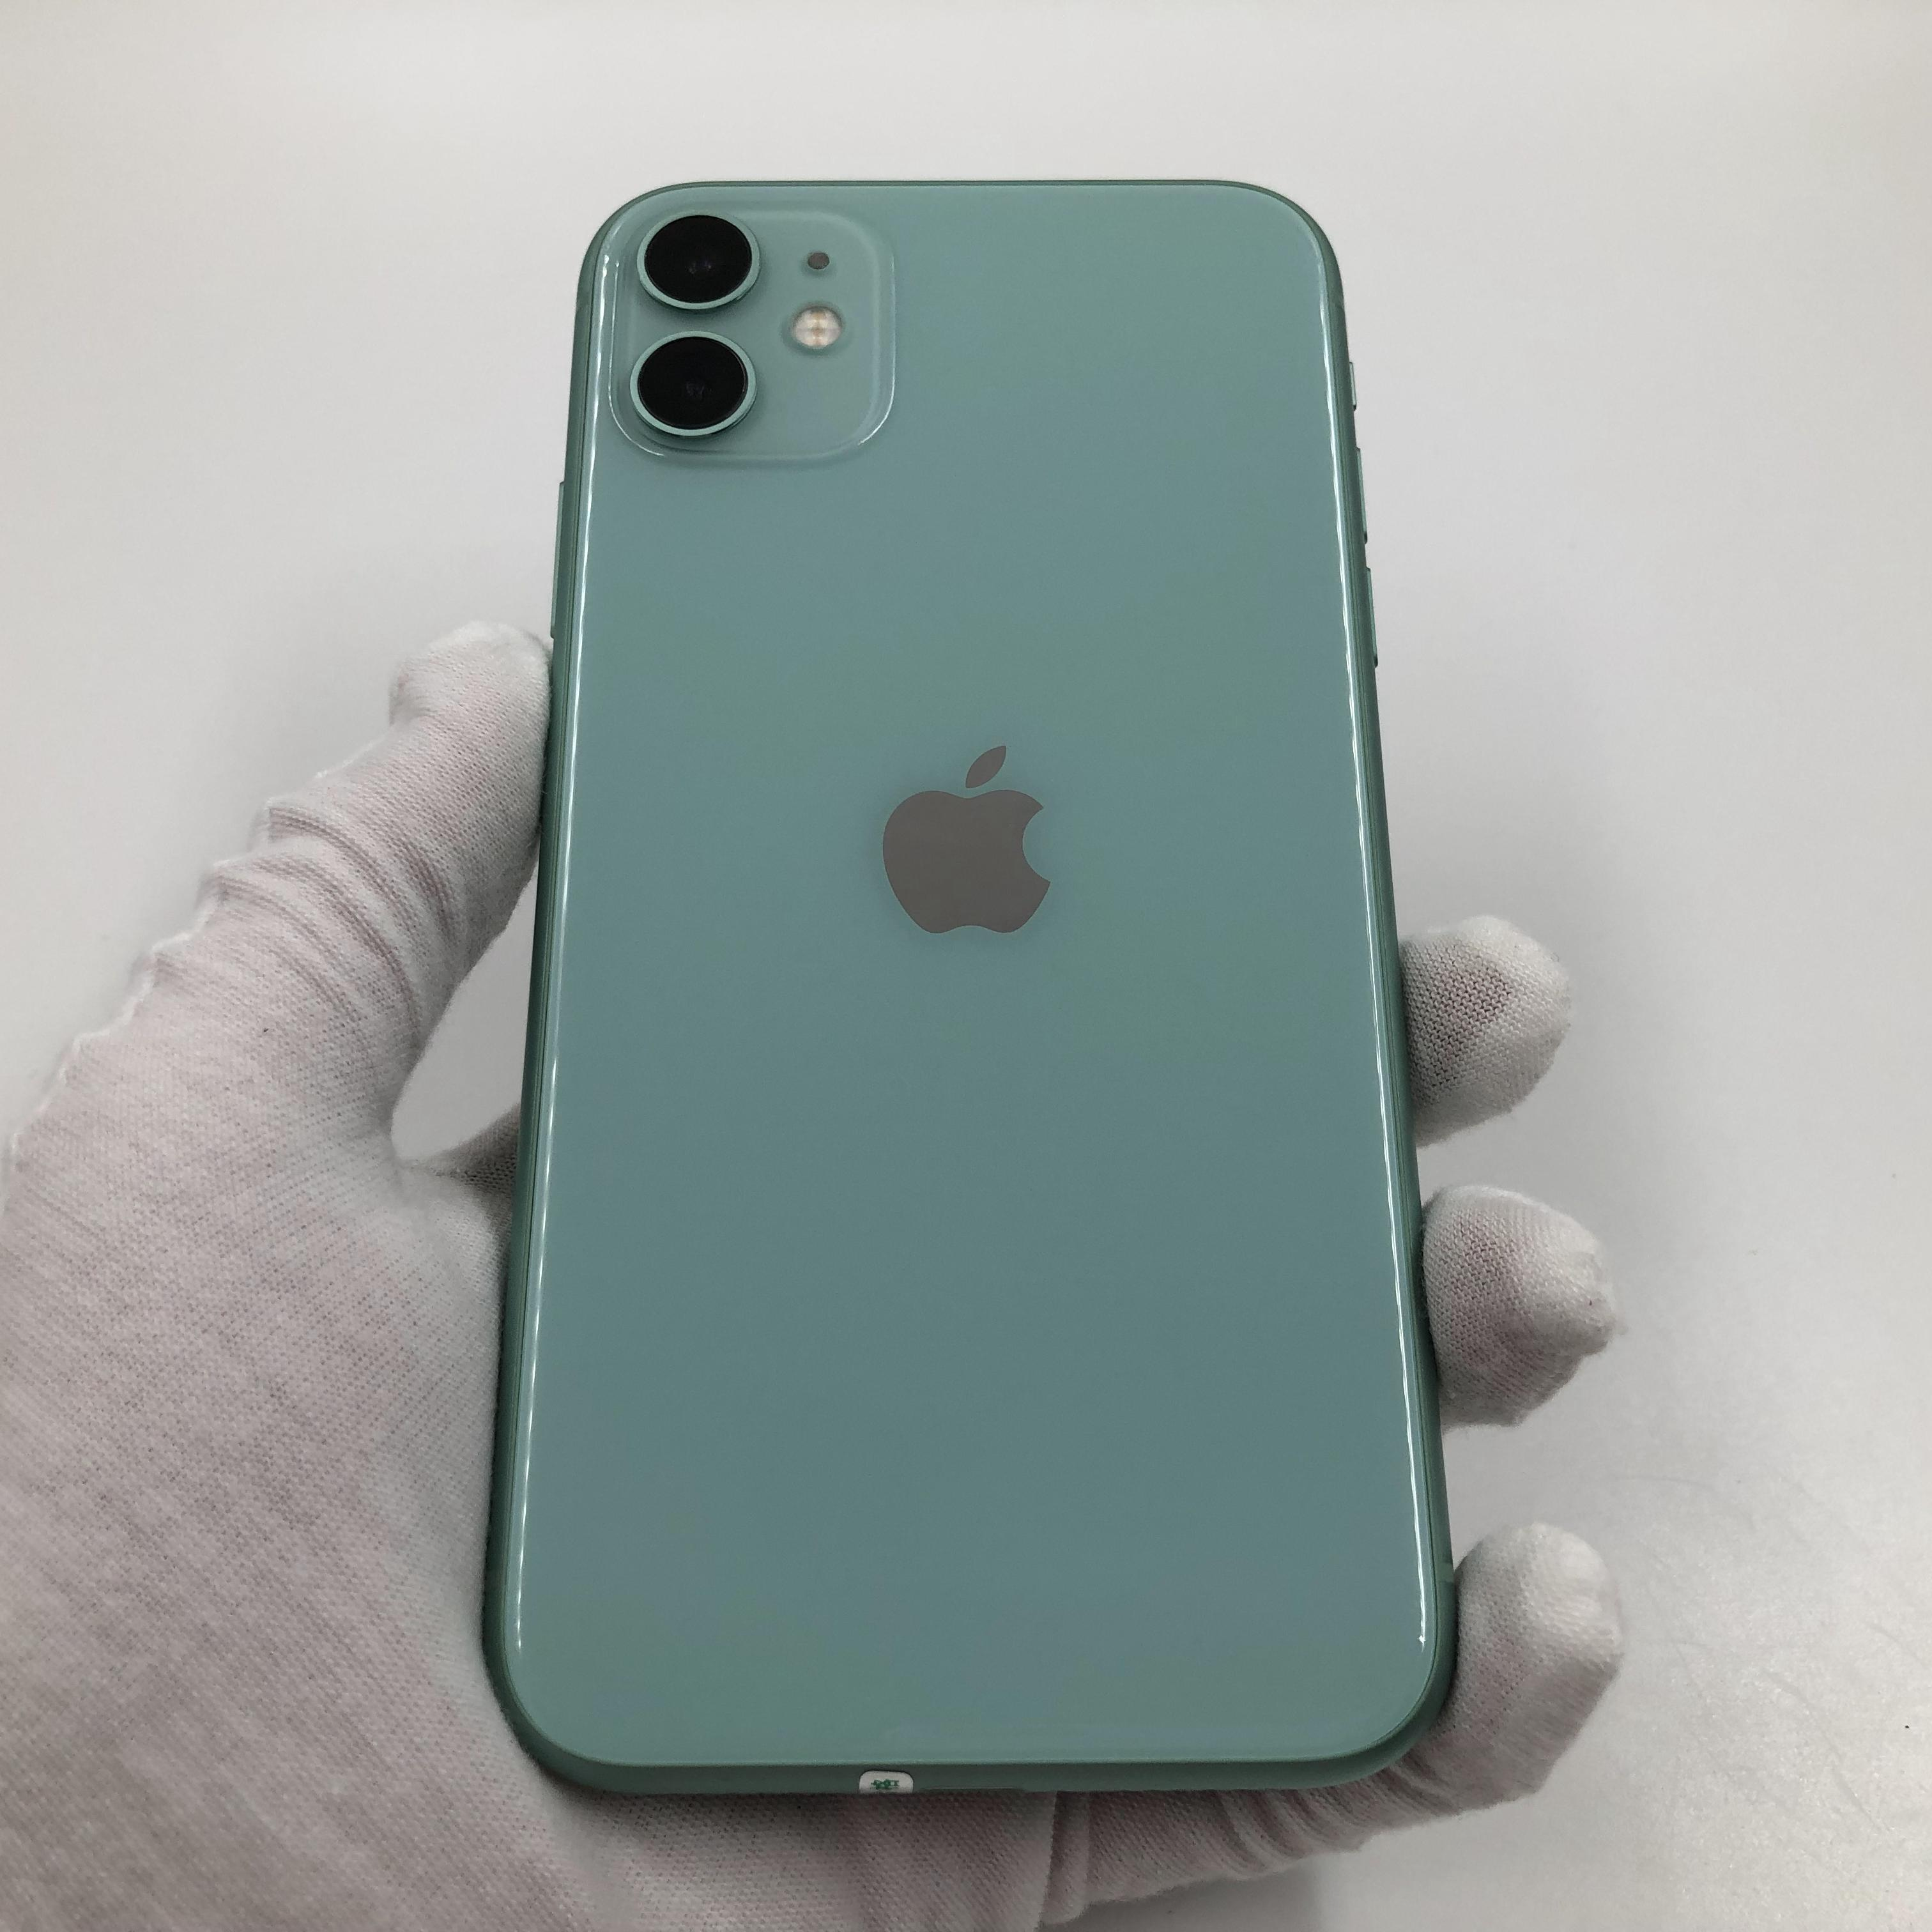 苹果【iPhone 11】4G全网通 绿色 256G 国行 9成新 真机实拍